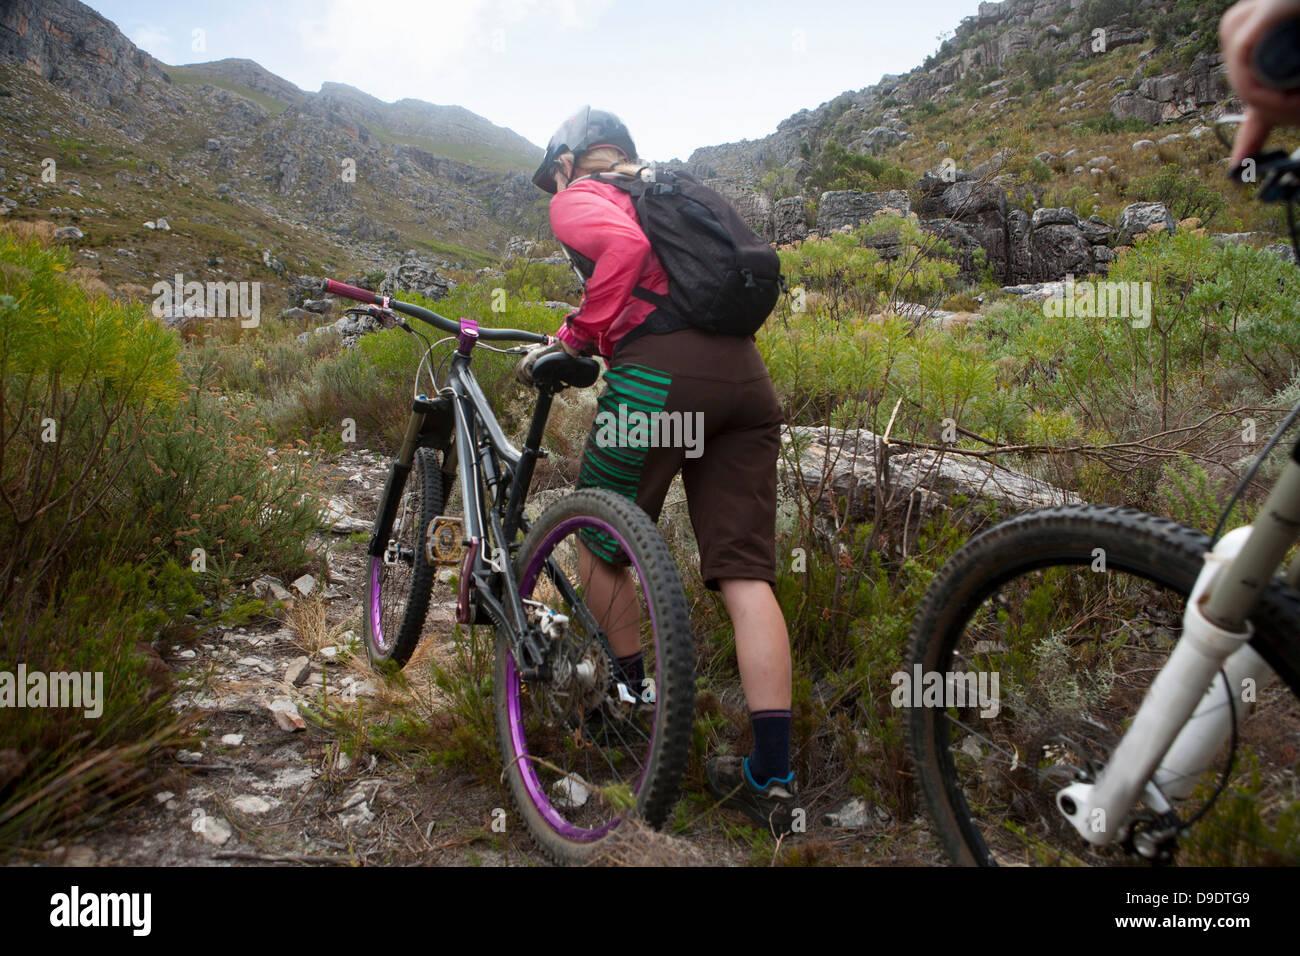 Young woman pushing mountain bike up mountain path Stock Photo